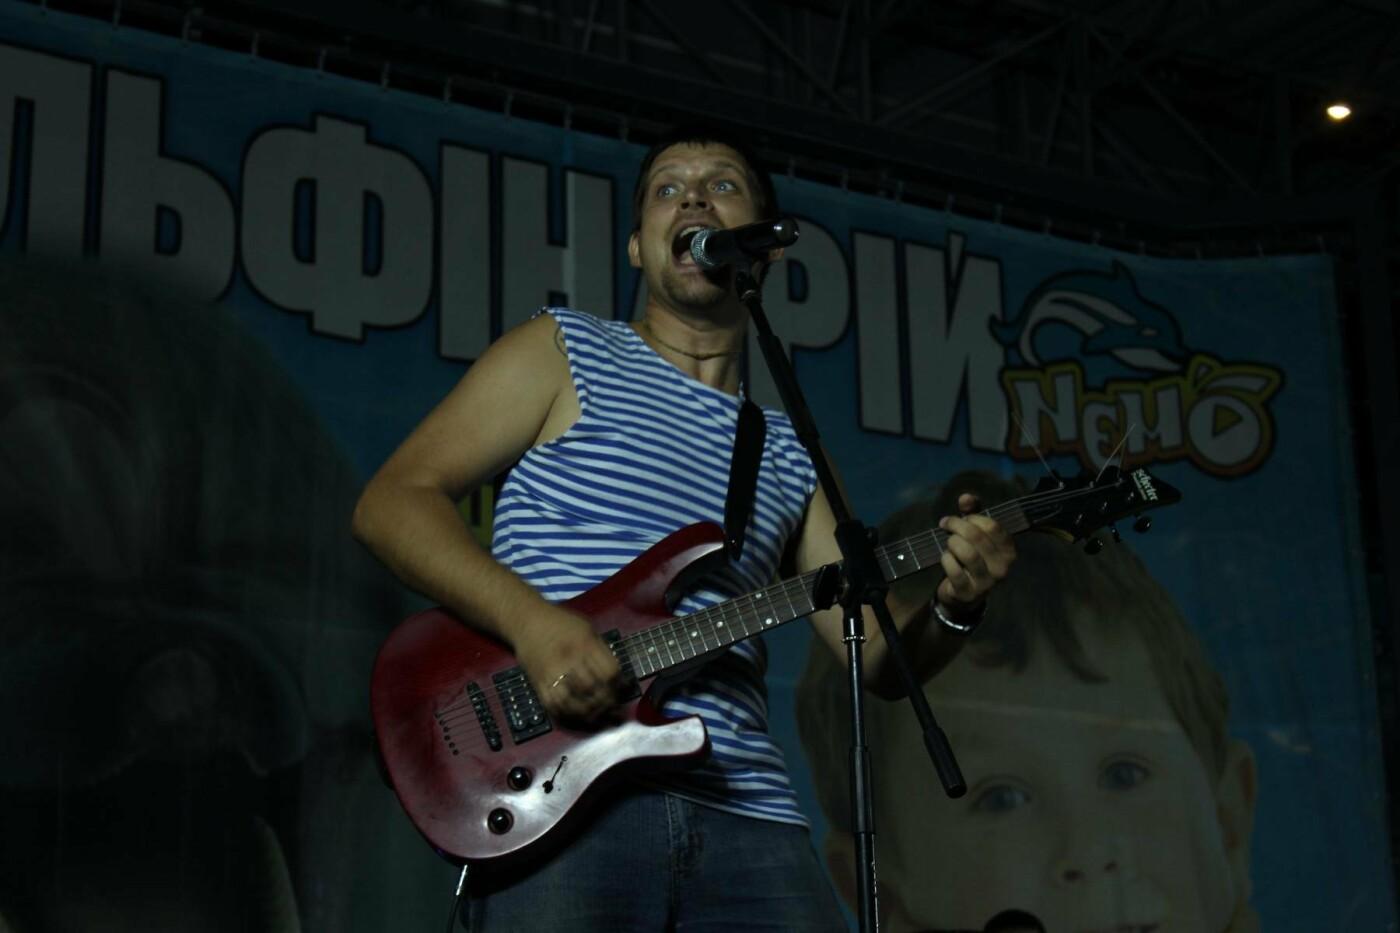 В Бердянске прошел благотворительный рок-концерт в поддержку Данила Коржа, фото-10